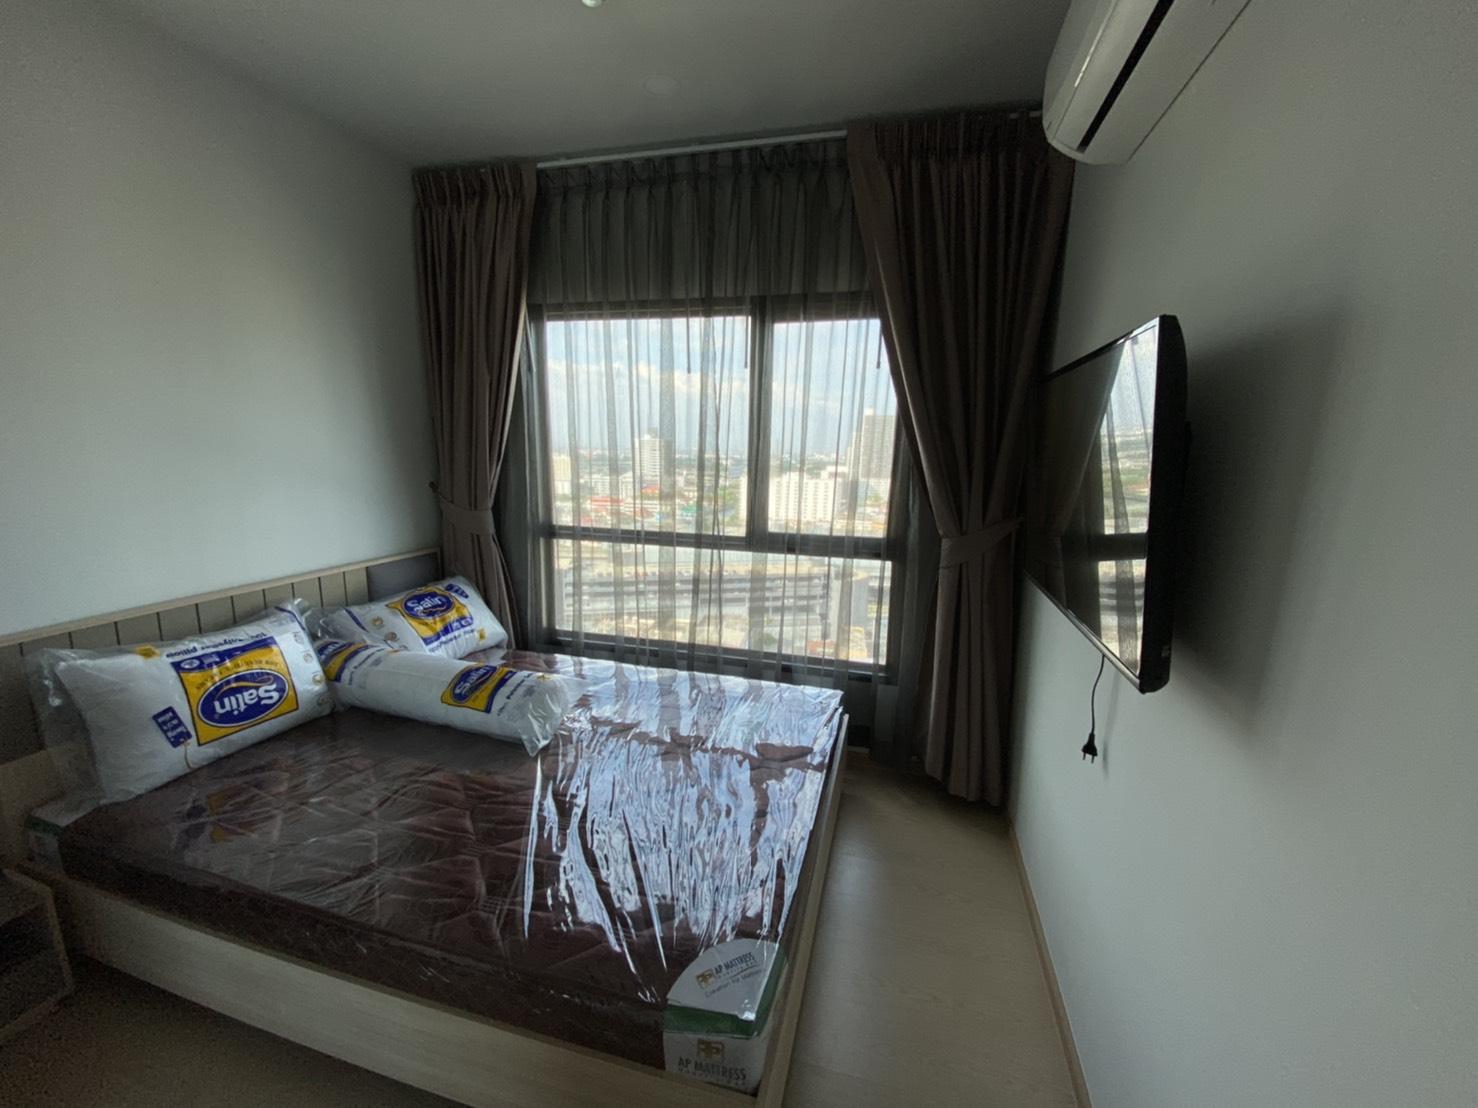 ภาพคอนโดให้เช่า เดอะทรี สุขุมวิท 71-เอกมัย  ซอย ปรีดี พนมยงค์ 49  สวนหลวง แขวงสวนหลวง 1 ห้องนอน พร้อมอยู่ ราคาถูก